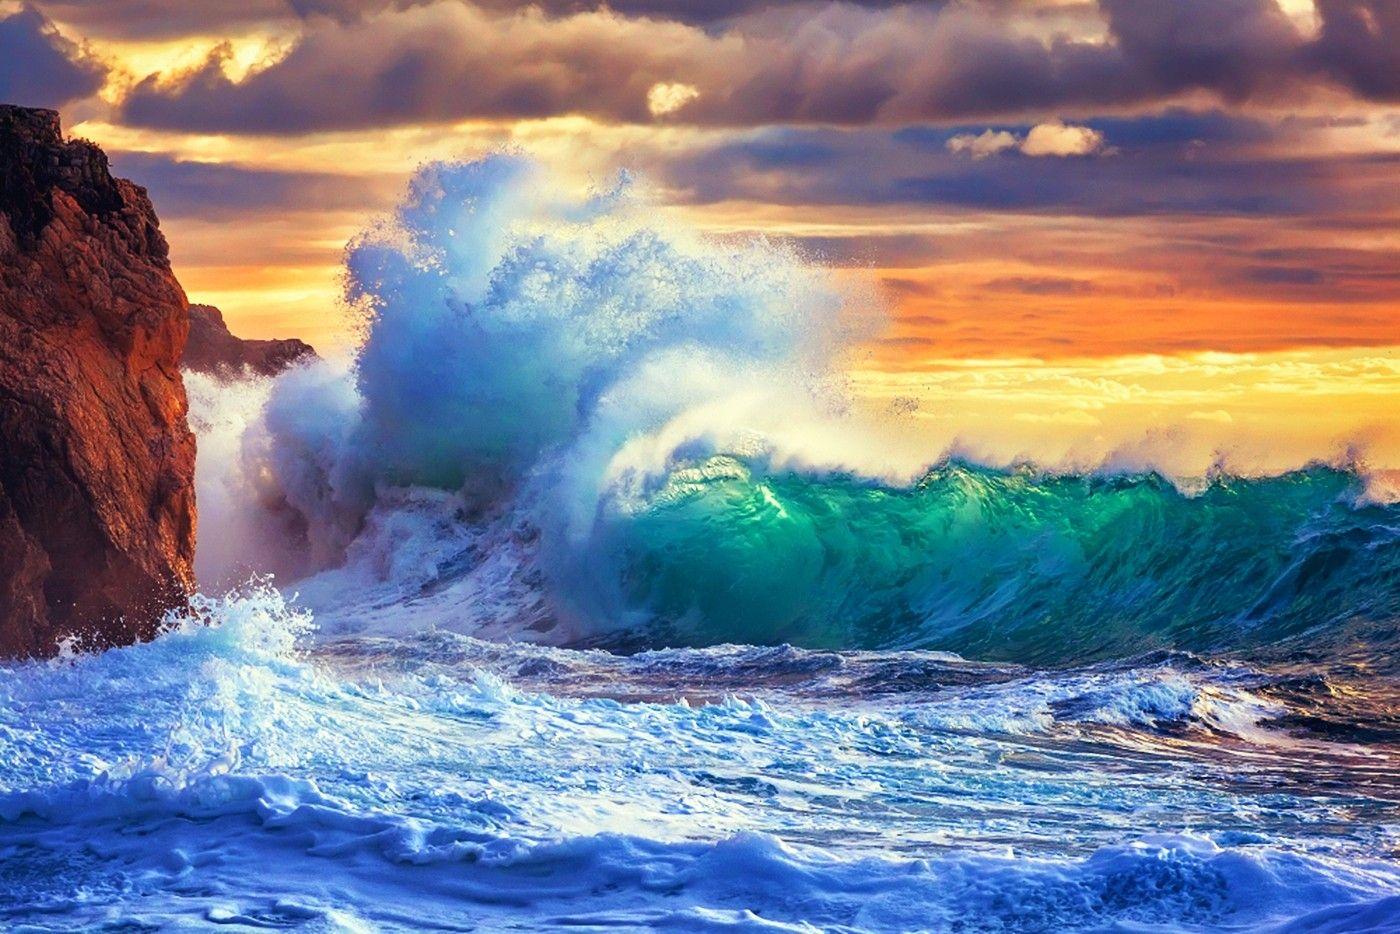 Rough Sea Beautiful Sunset Coast Clouds Sky Amazing Wave Rocks Ocean